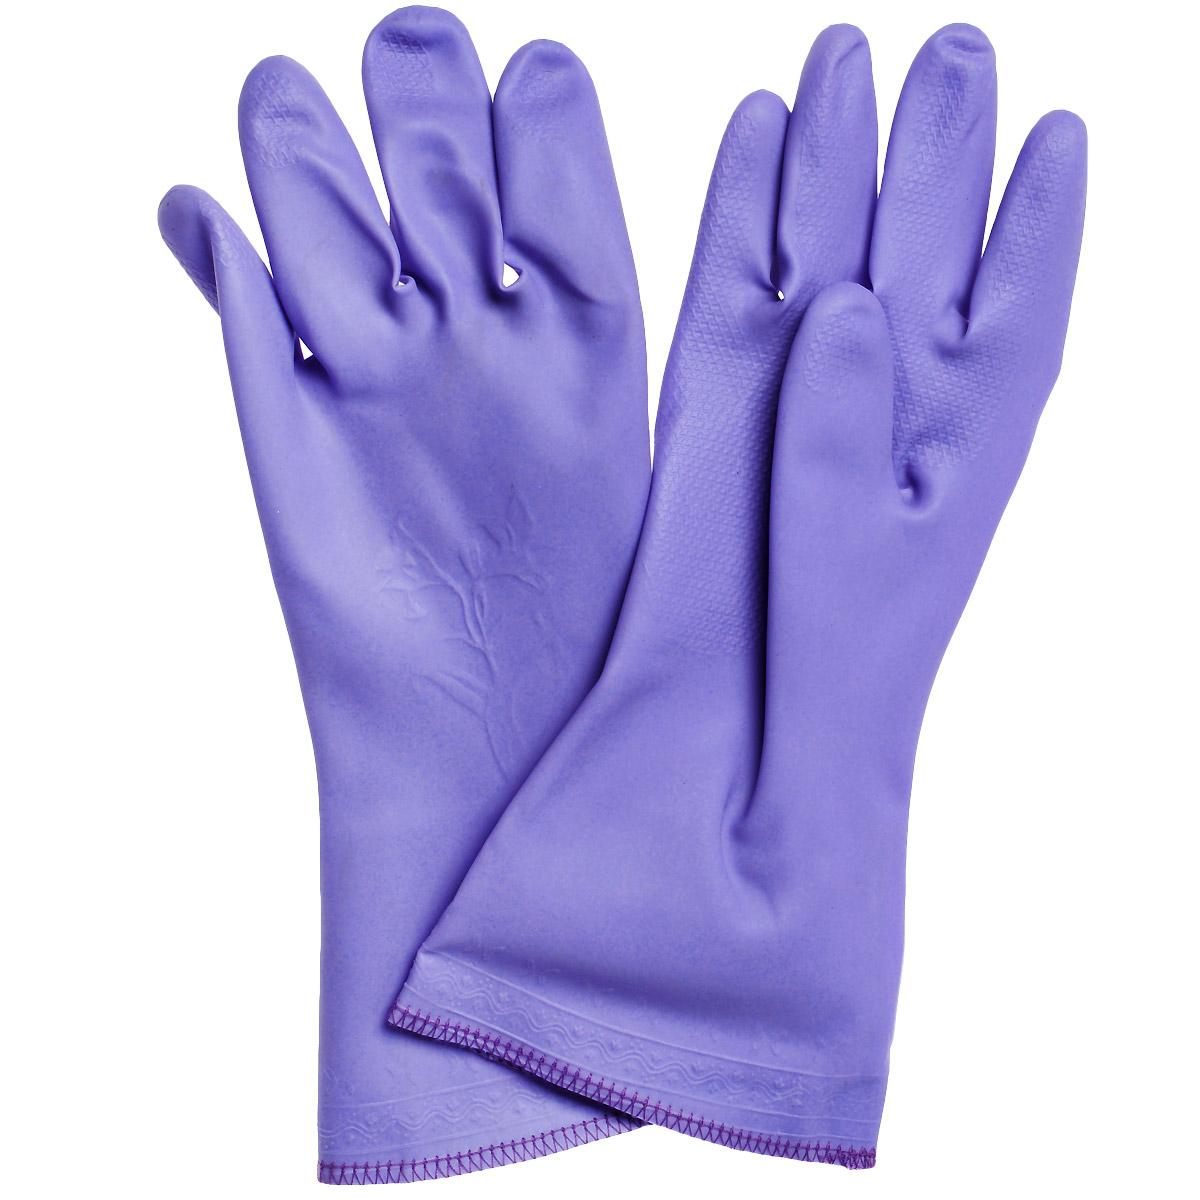 Перчатки хозяйственные Airline, из ПВХAWG-HW-11Хозяйственные перчатки Airline позволяют обеспечить защиту рук при выполнении большинства бытовых или производственных работ.Преимущества:Защита рук от нефтепродуктов и масел;Защита рук от слабых растворов кислот и щелочей;Тканевая подкладка для дополнительного комфорта.